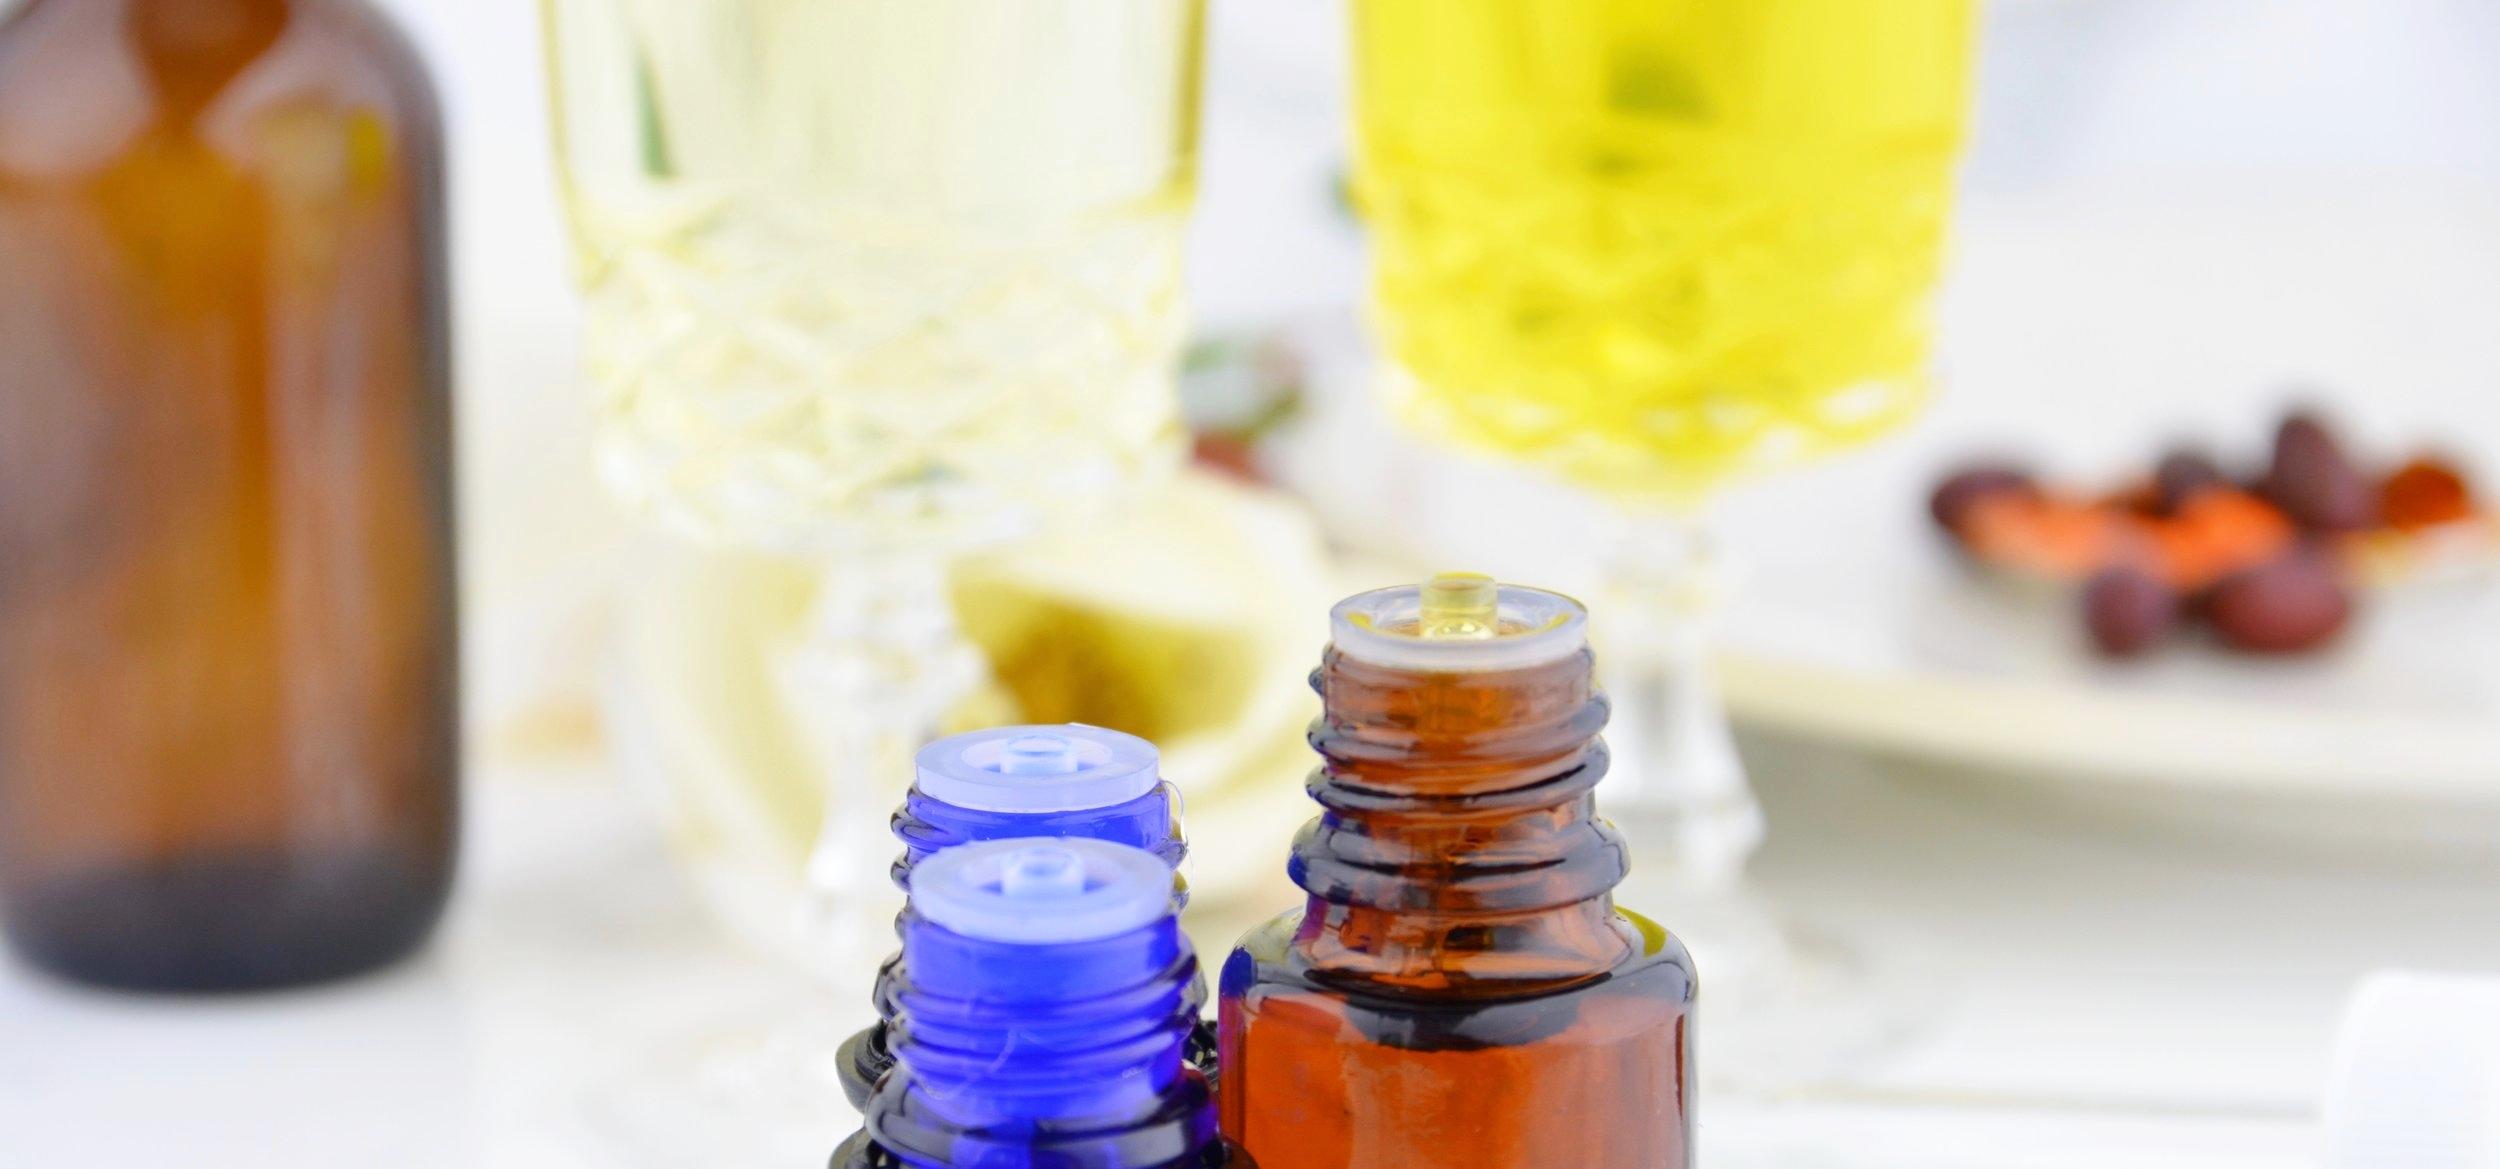 Coenzyme Q10, clary sage, ylang ylang, almon oil, jojoba oil